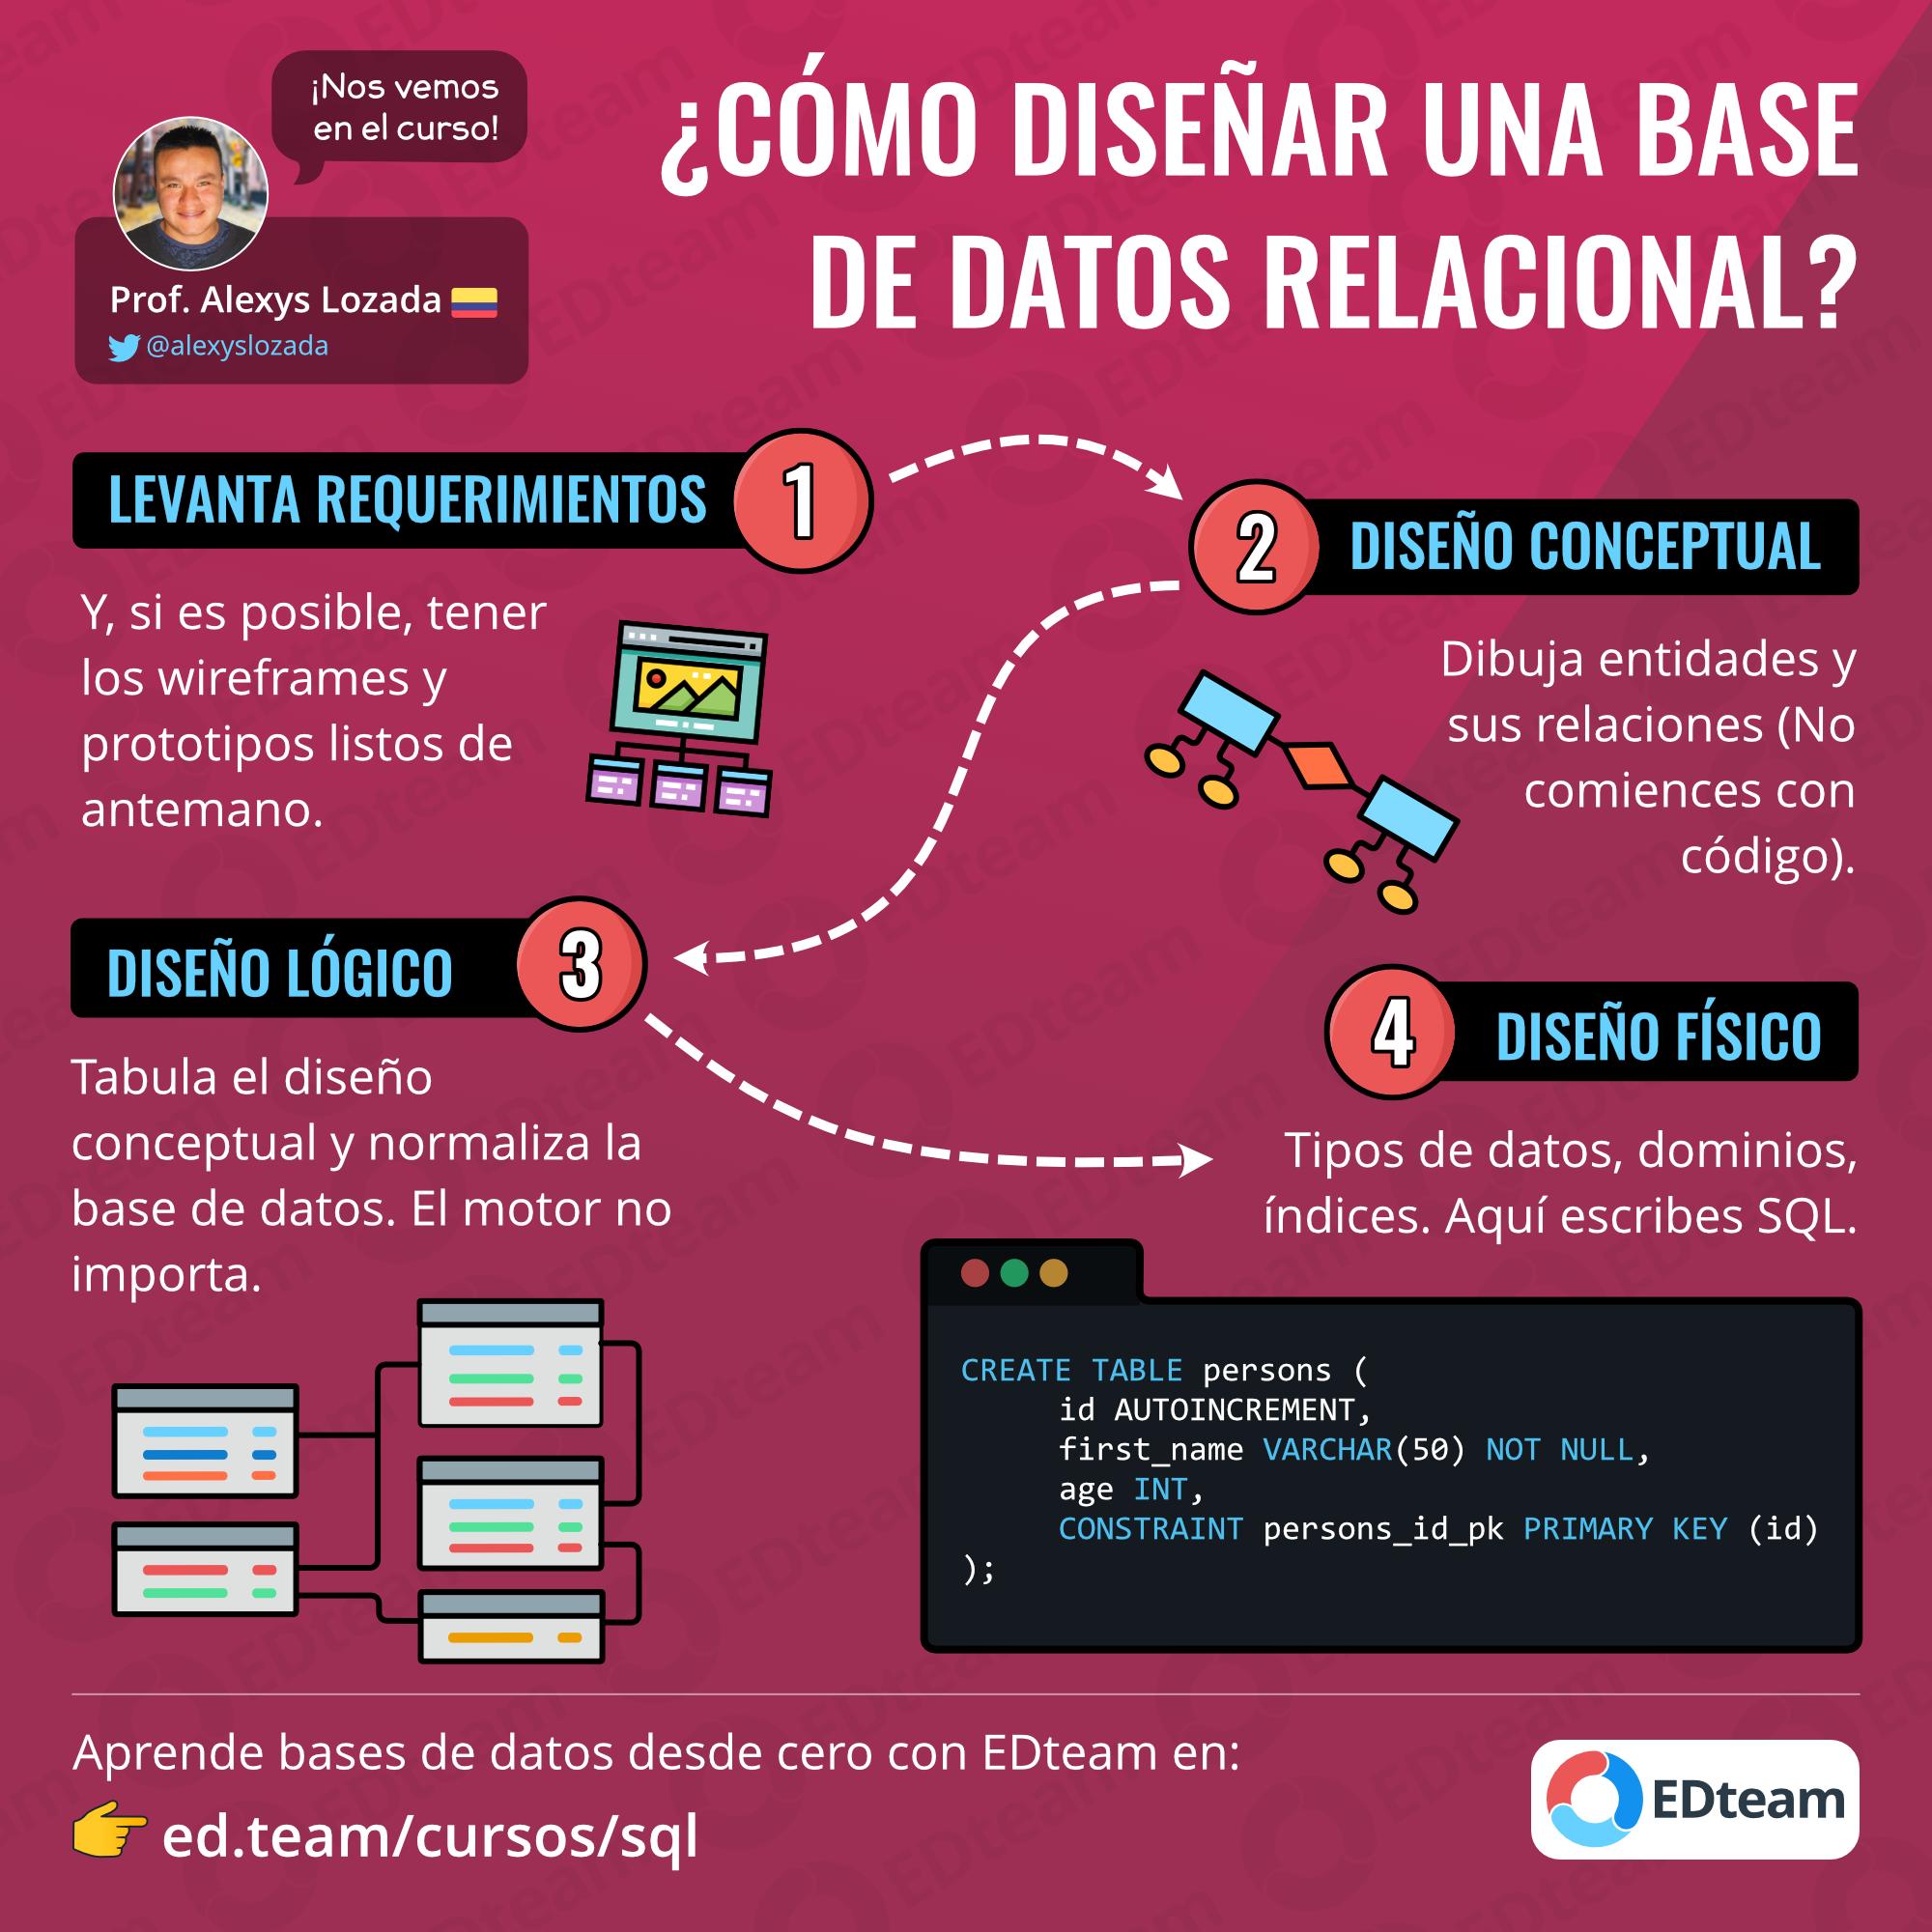 Como Disenar Una Base De Datos Relacional Tecnologias De La Informacion Y Comunicacion Informatica Y Computacion Bases De Datos Relacionales